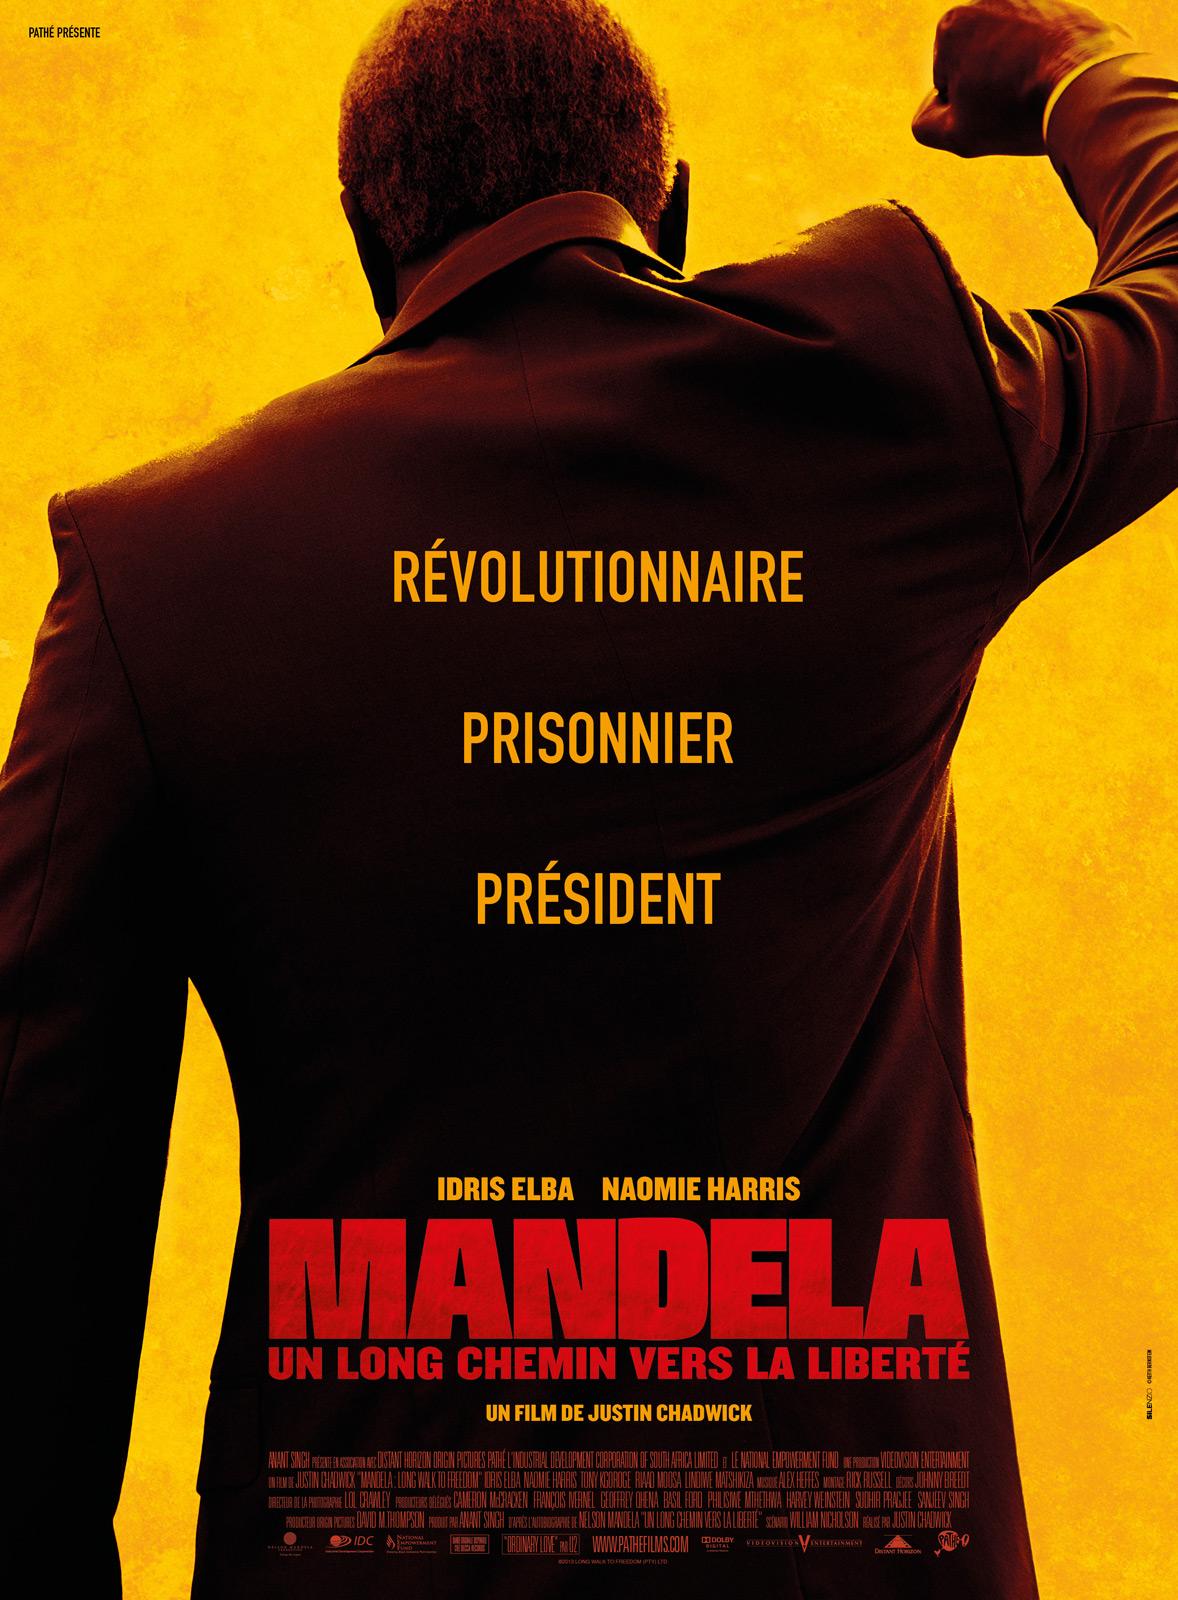 Mandela : Un long chemin vers la liberté [VOSTFR] dvdrip